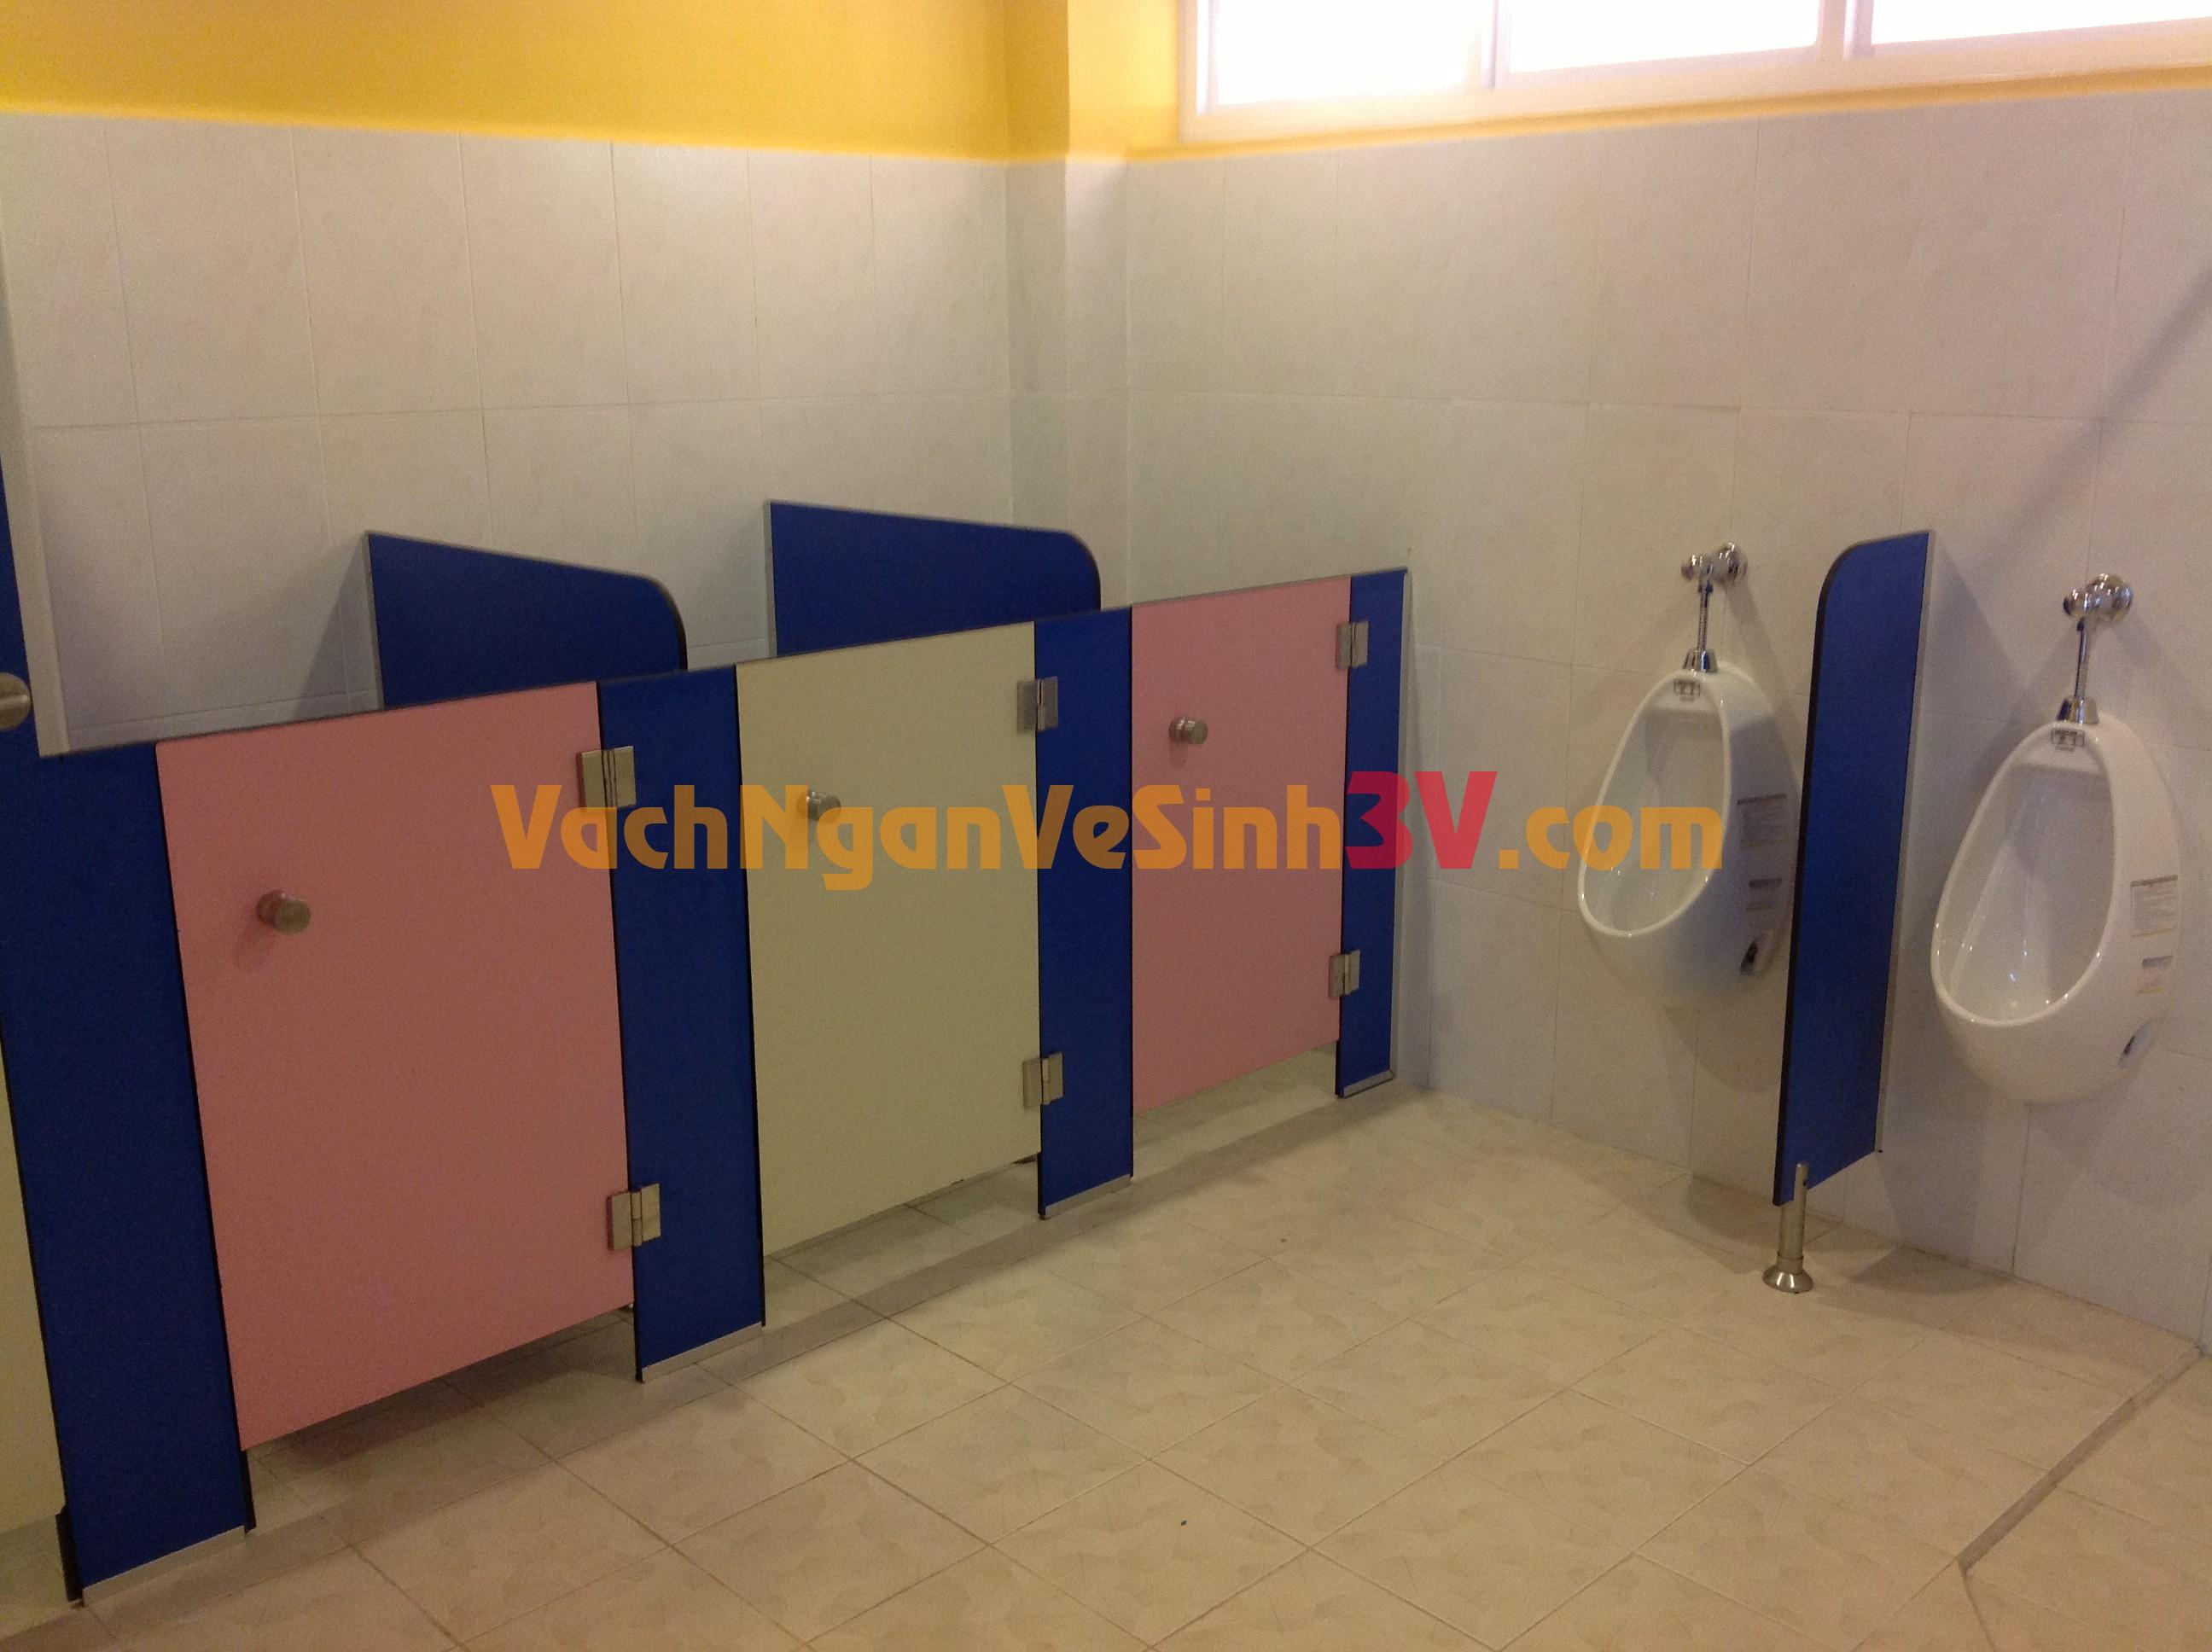 3V GROUP cung cấp vách ngăn toilet cho Trường mầm non tại Q.3 – TP HCM